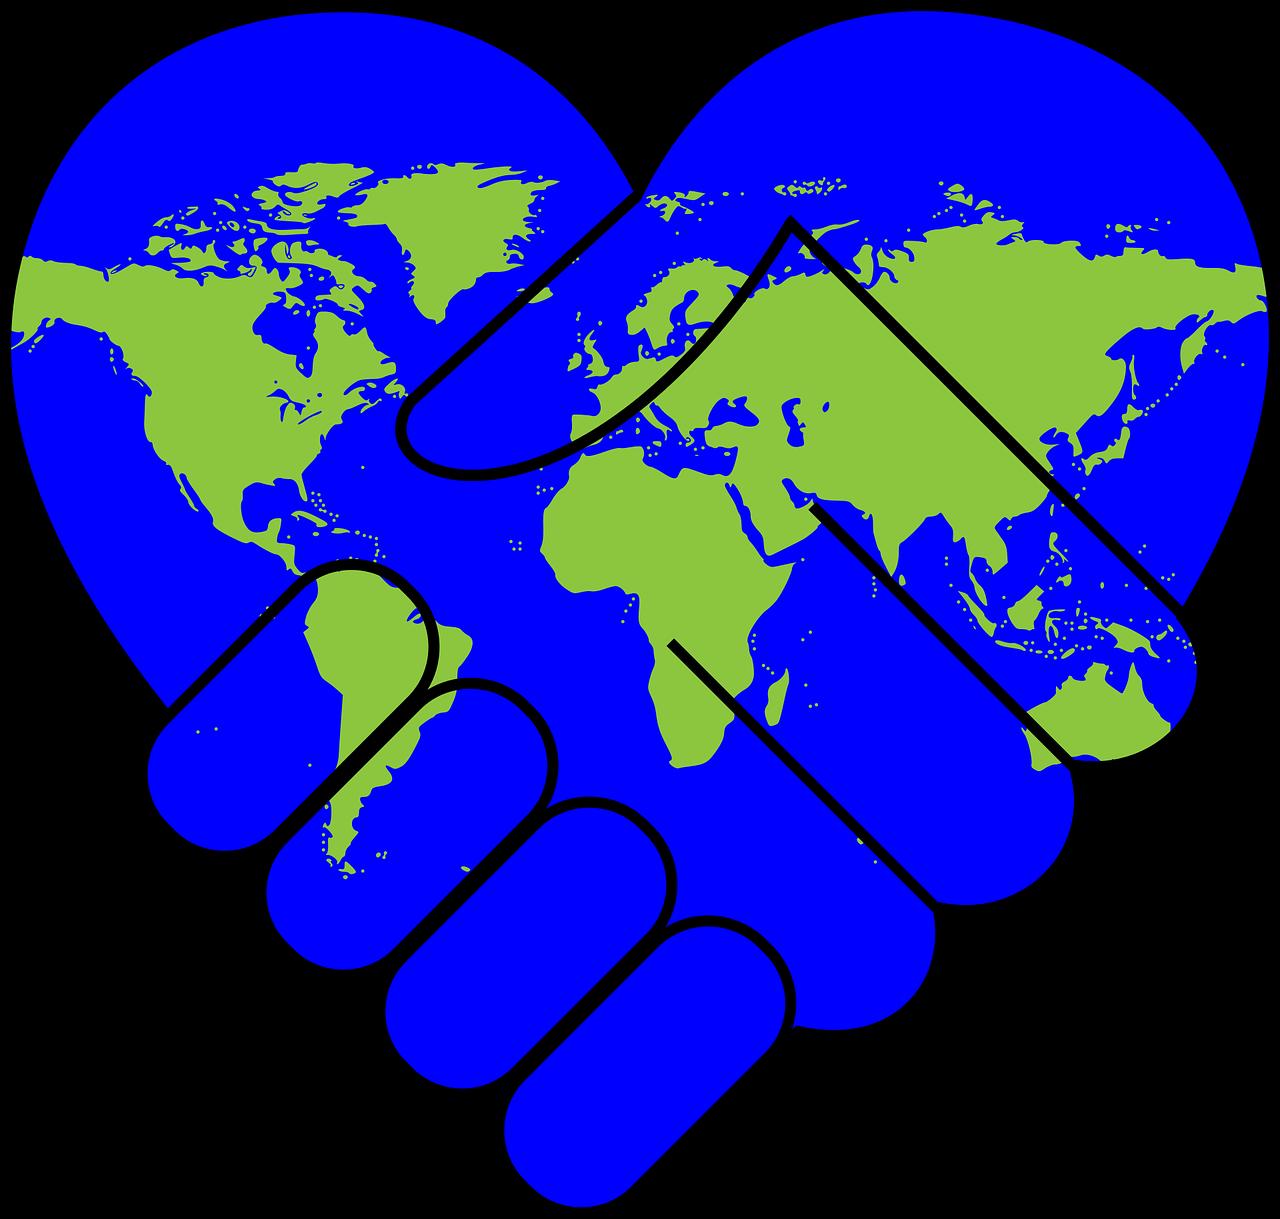 世界協力のイメージ画像